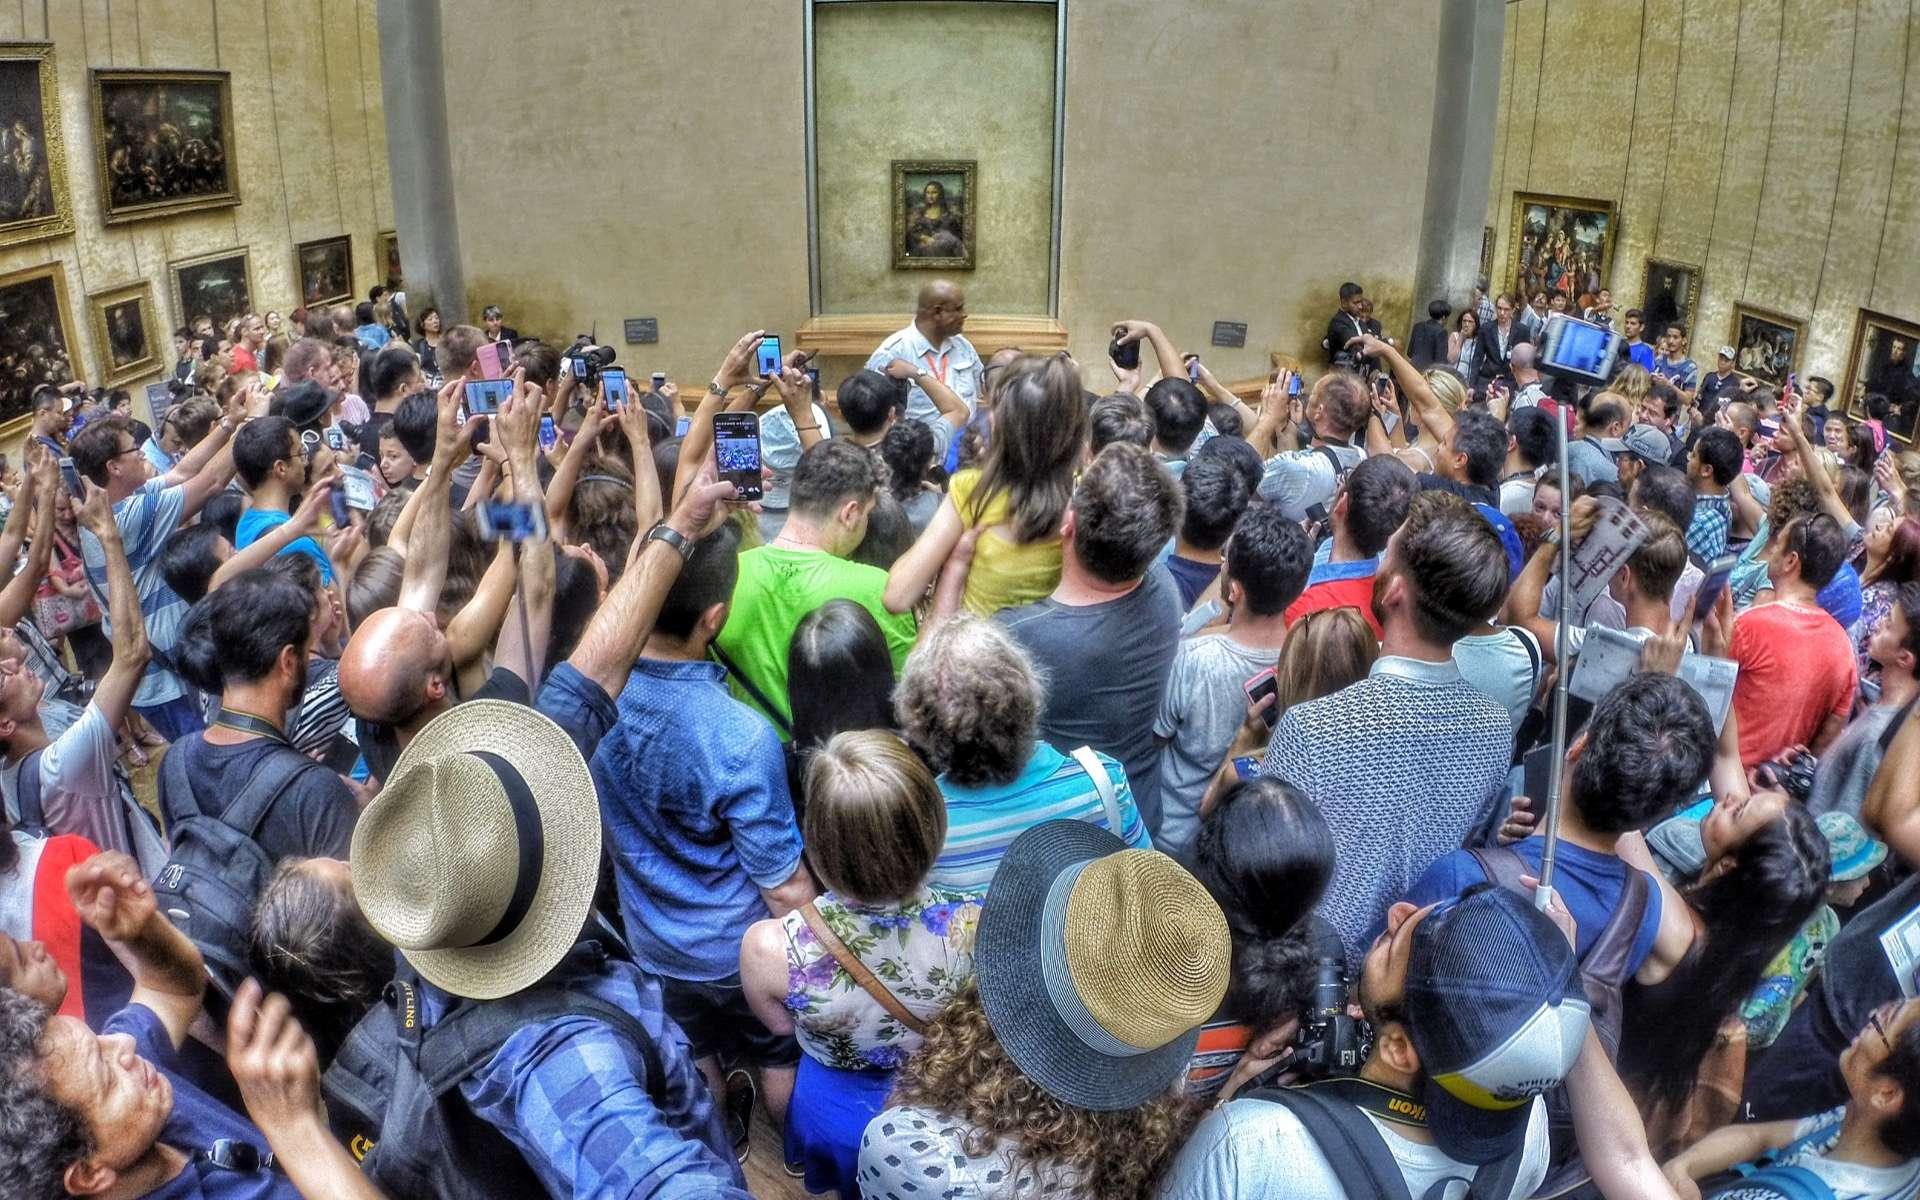 La foule devant la Joconde, le tableau de Léonard de Vinci. Palais du Louvre, Paris. © Max Fercondini, Wikimedia Commons, CC by-sa 4.0